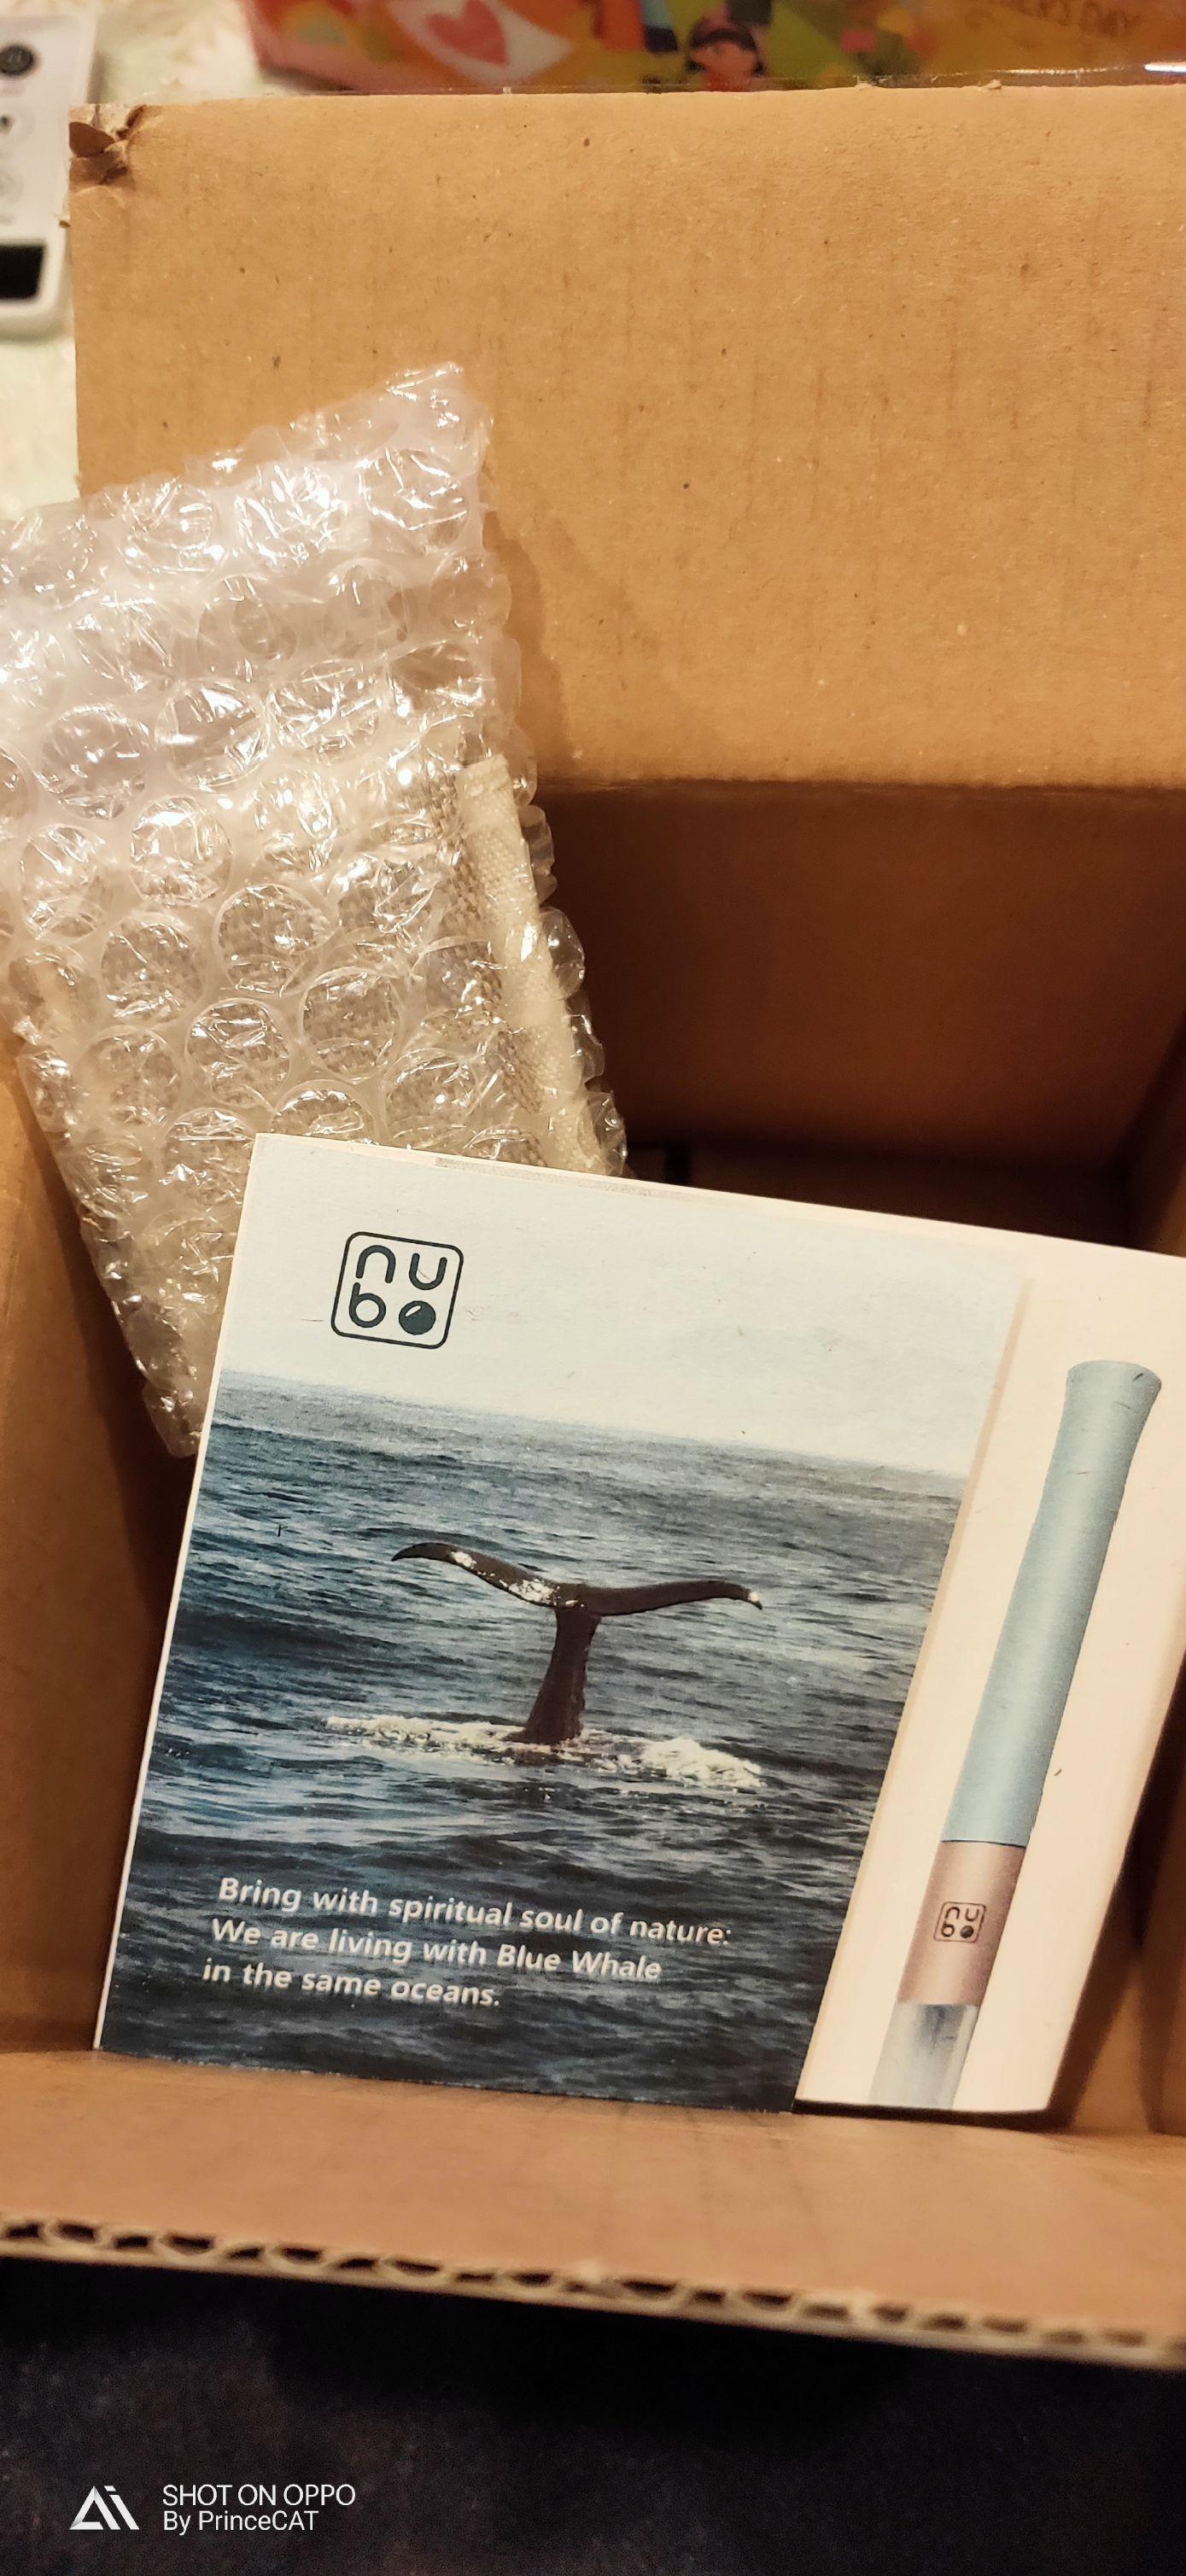 nubo 藍鯨吸管 開箱文的第 1 張圖片